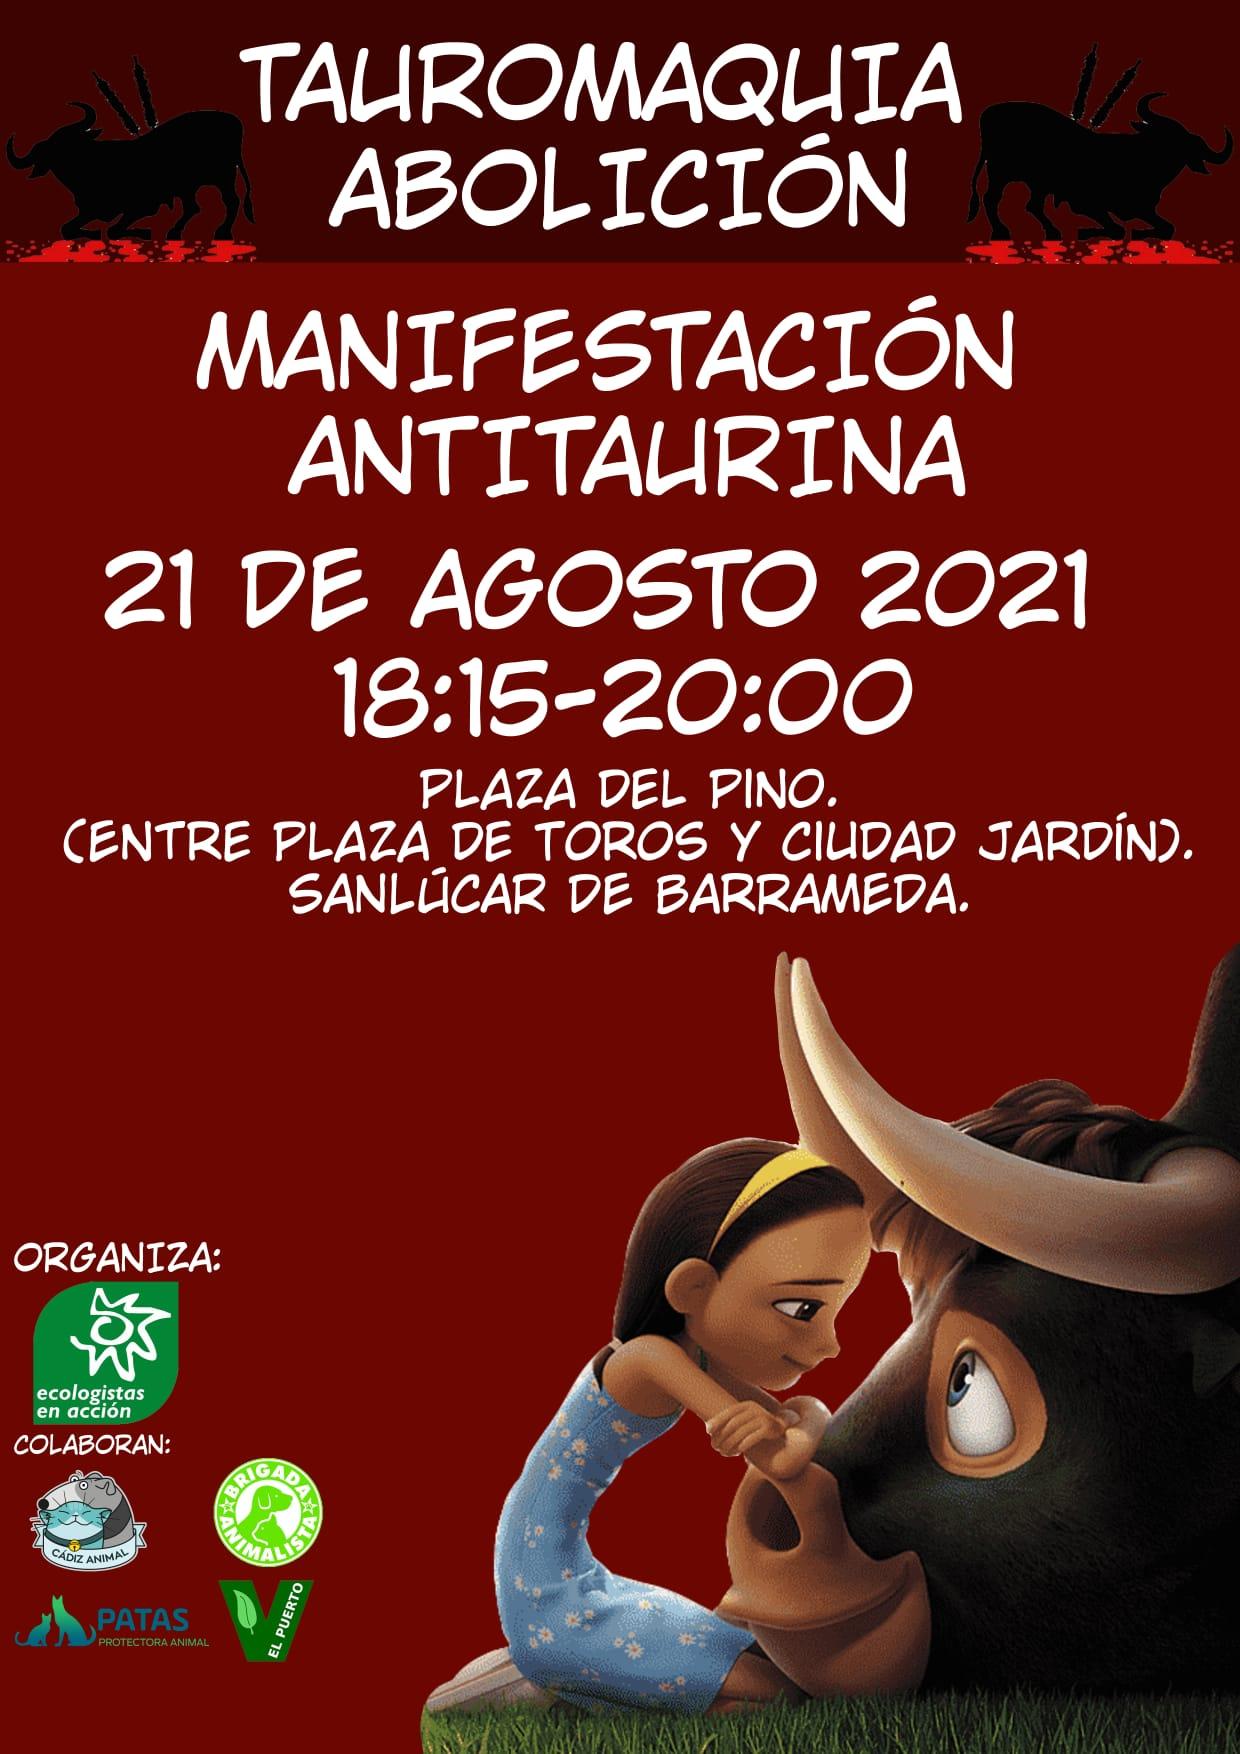 Manifestación Antitaurino